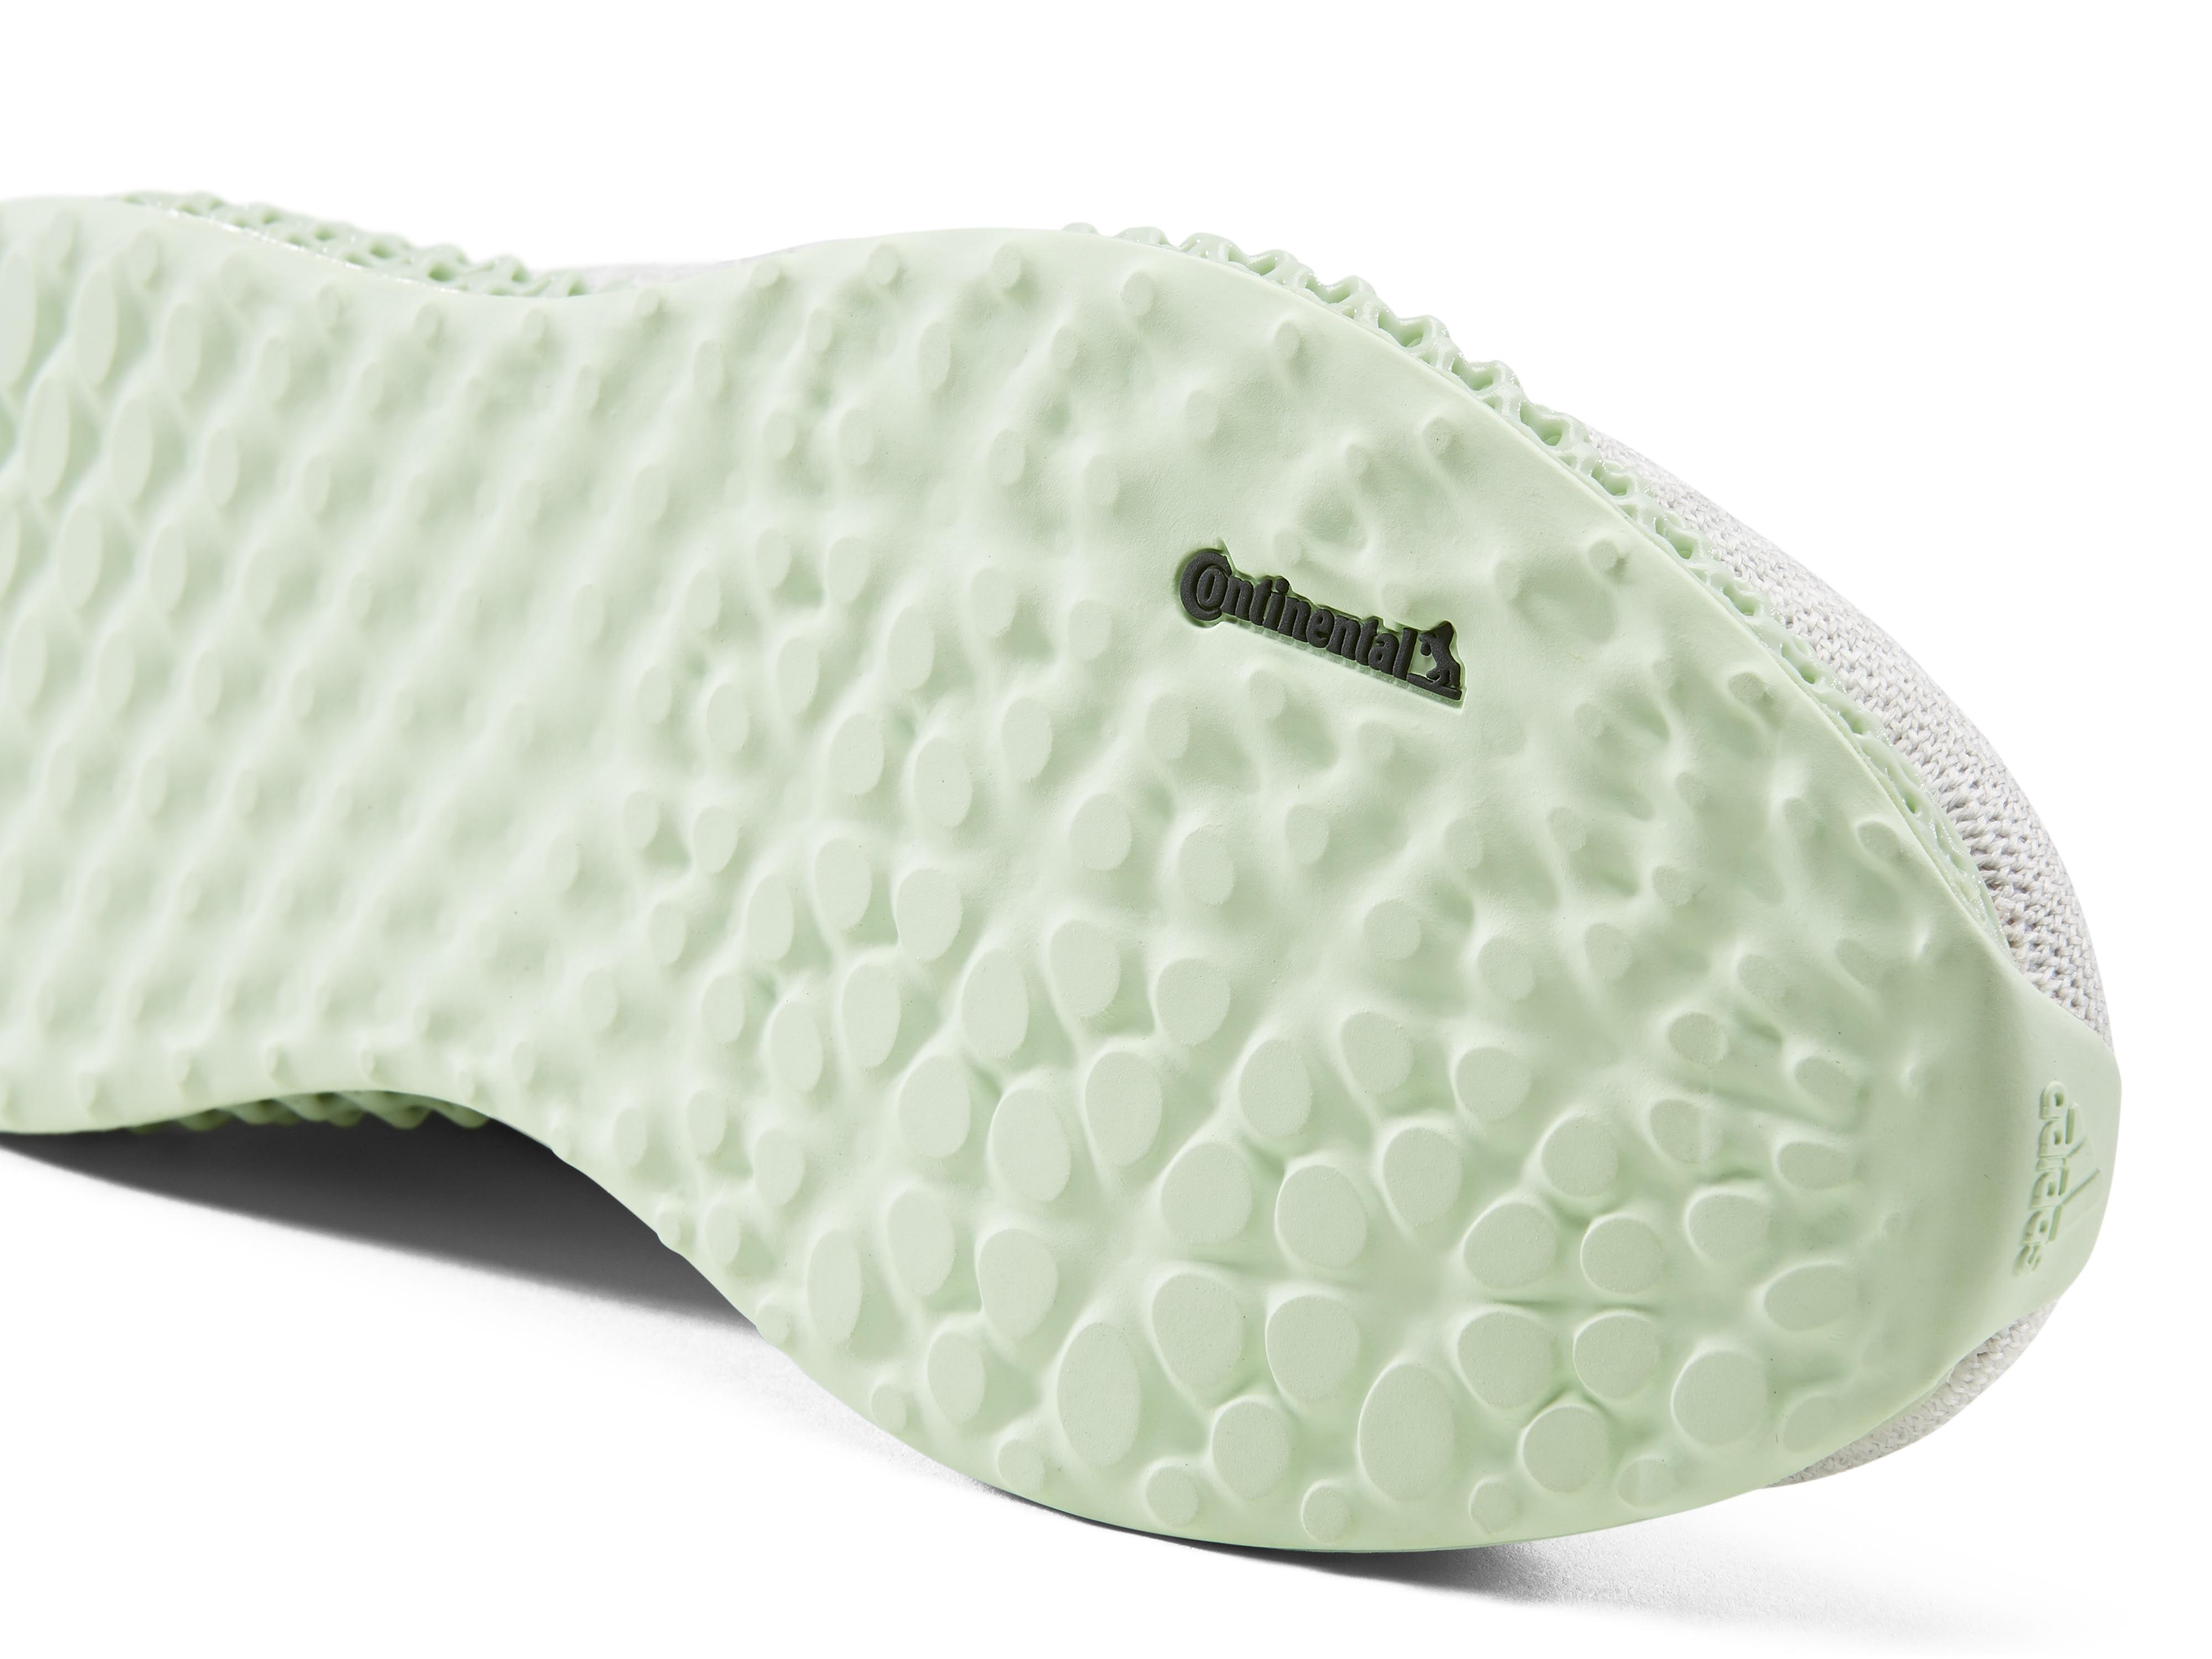 Adidas Consortium Runner 4D Mid EE4116 (Bottom)